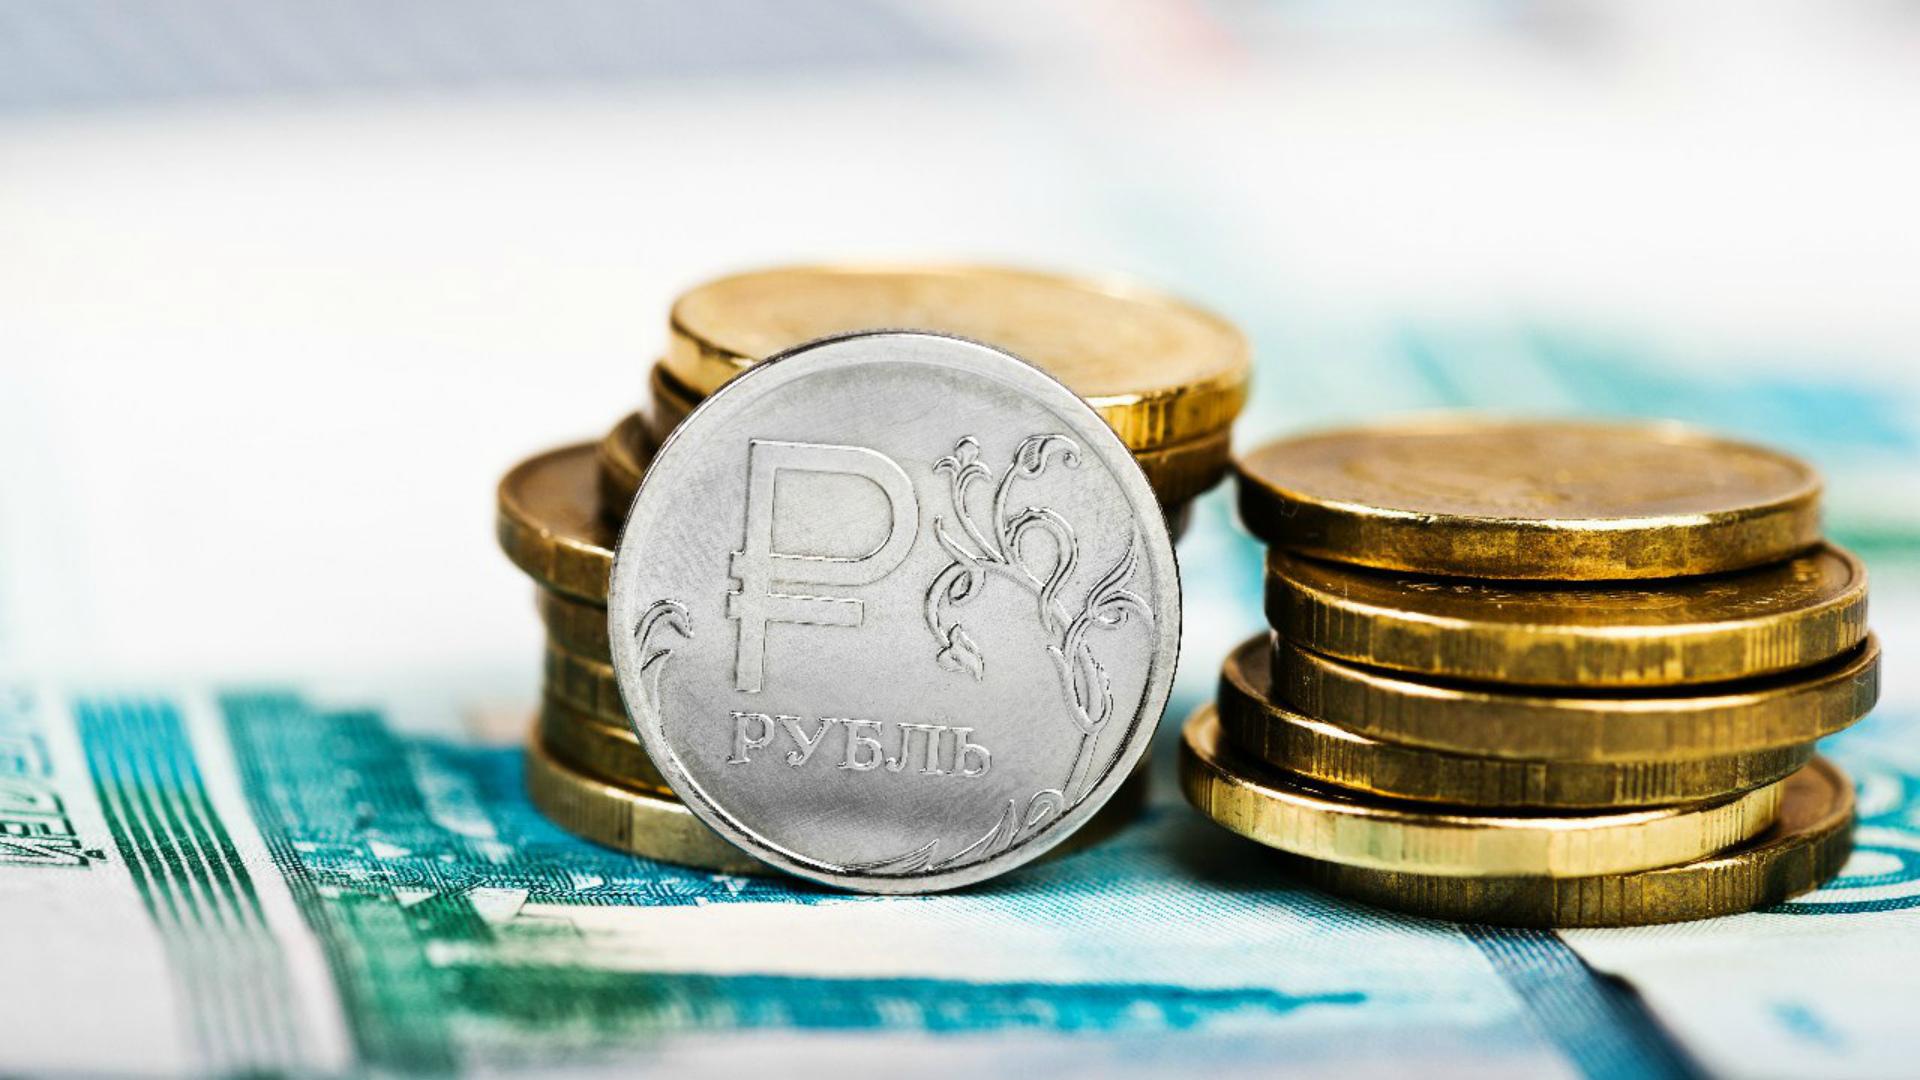 پول روسیه